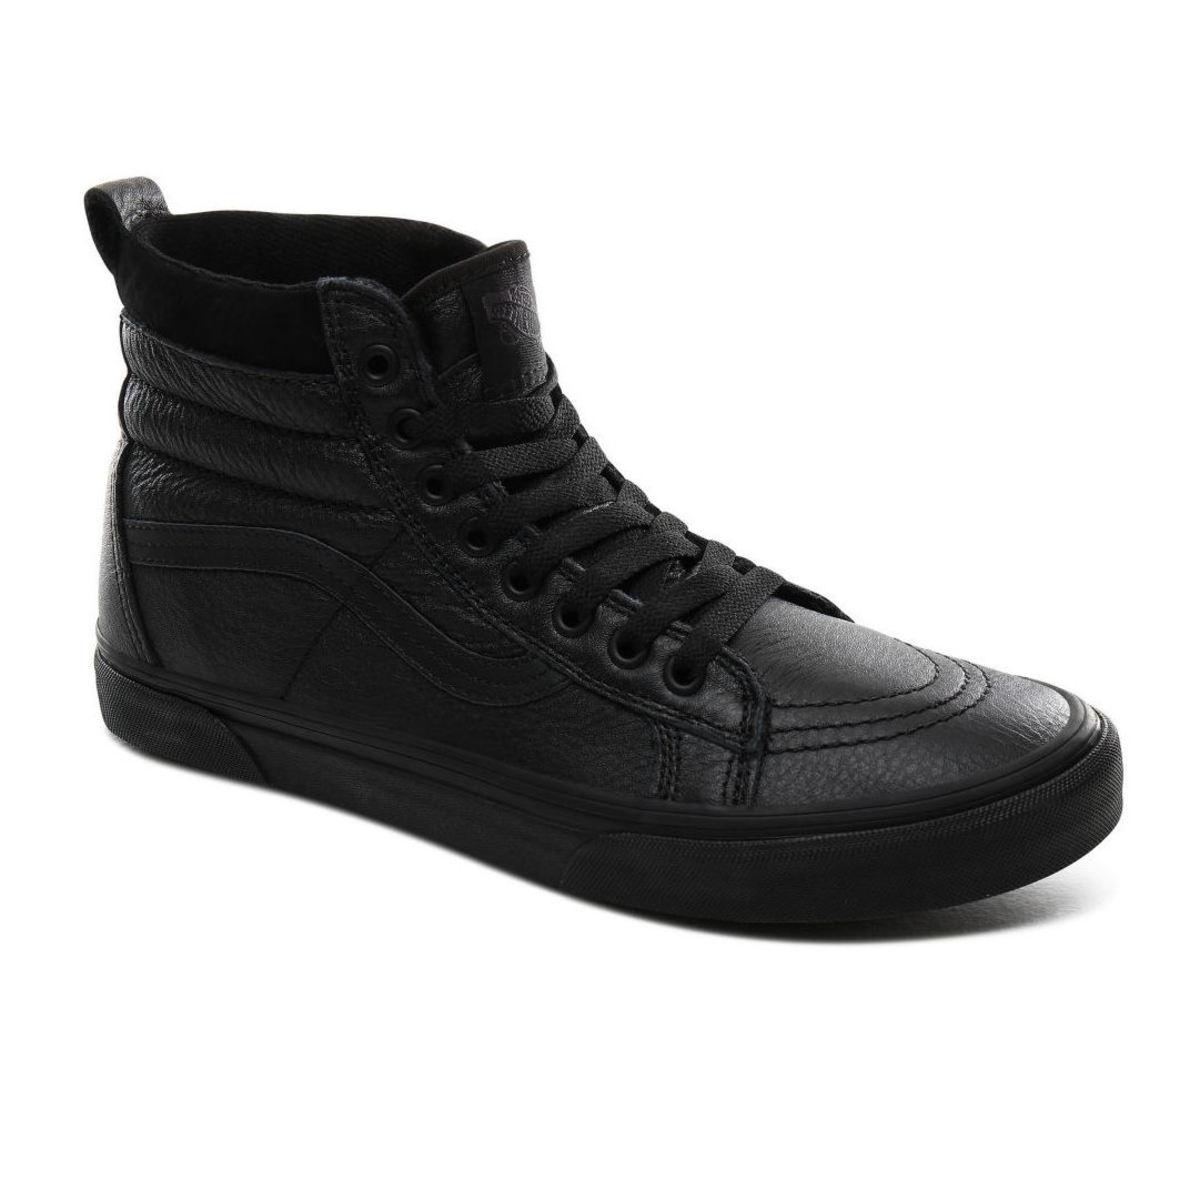 topánky zimný VANS - UA SK8-Hi MTE - MTE - LEATHER / BLACK - VN0A4BV7XKN1